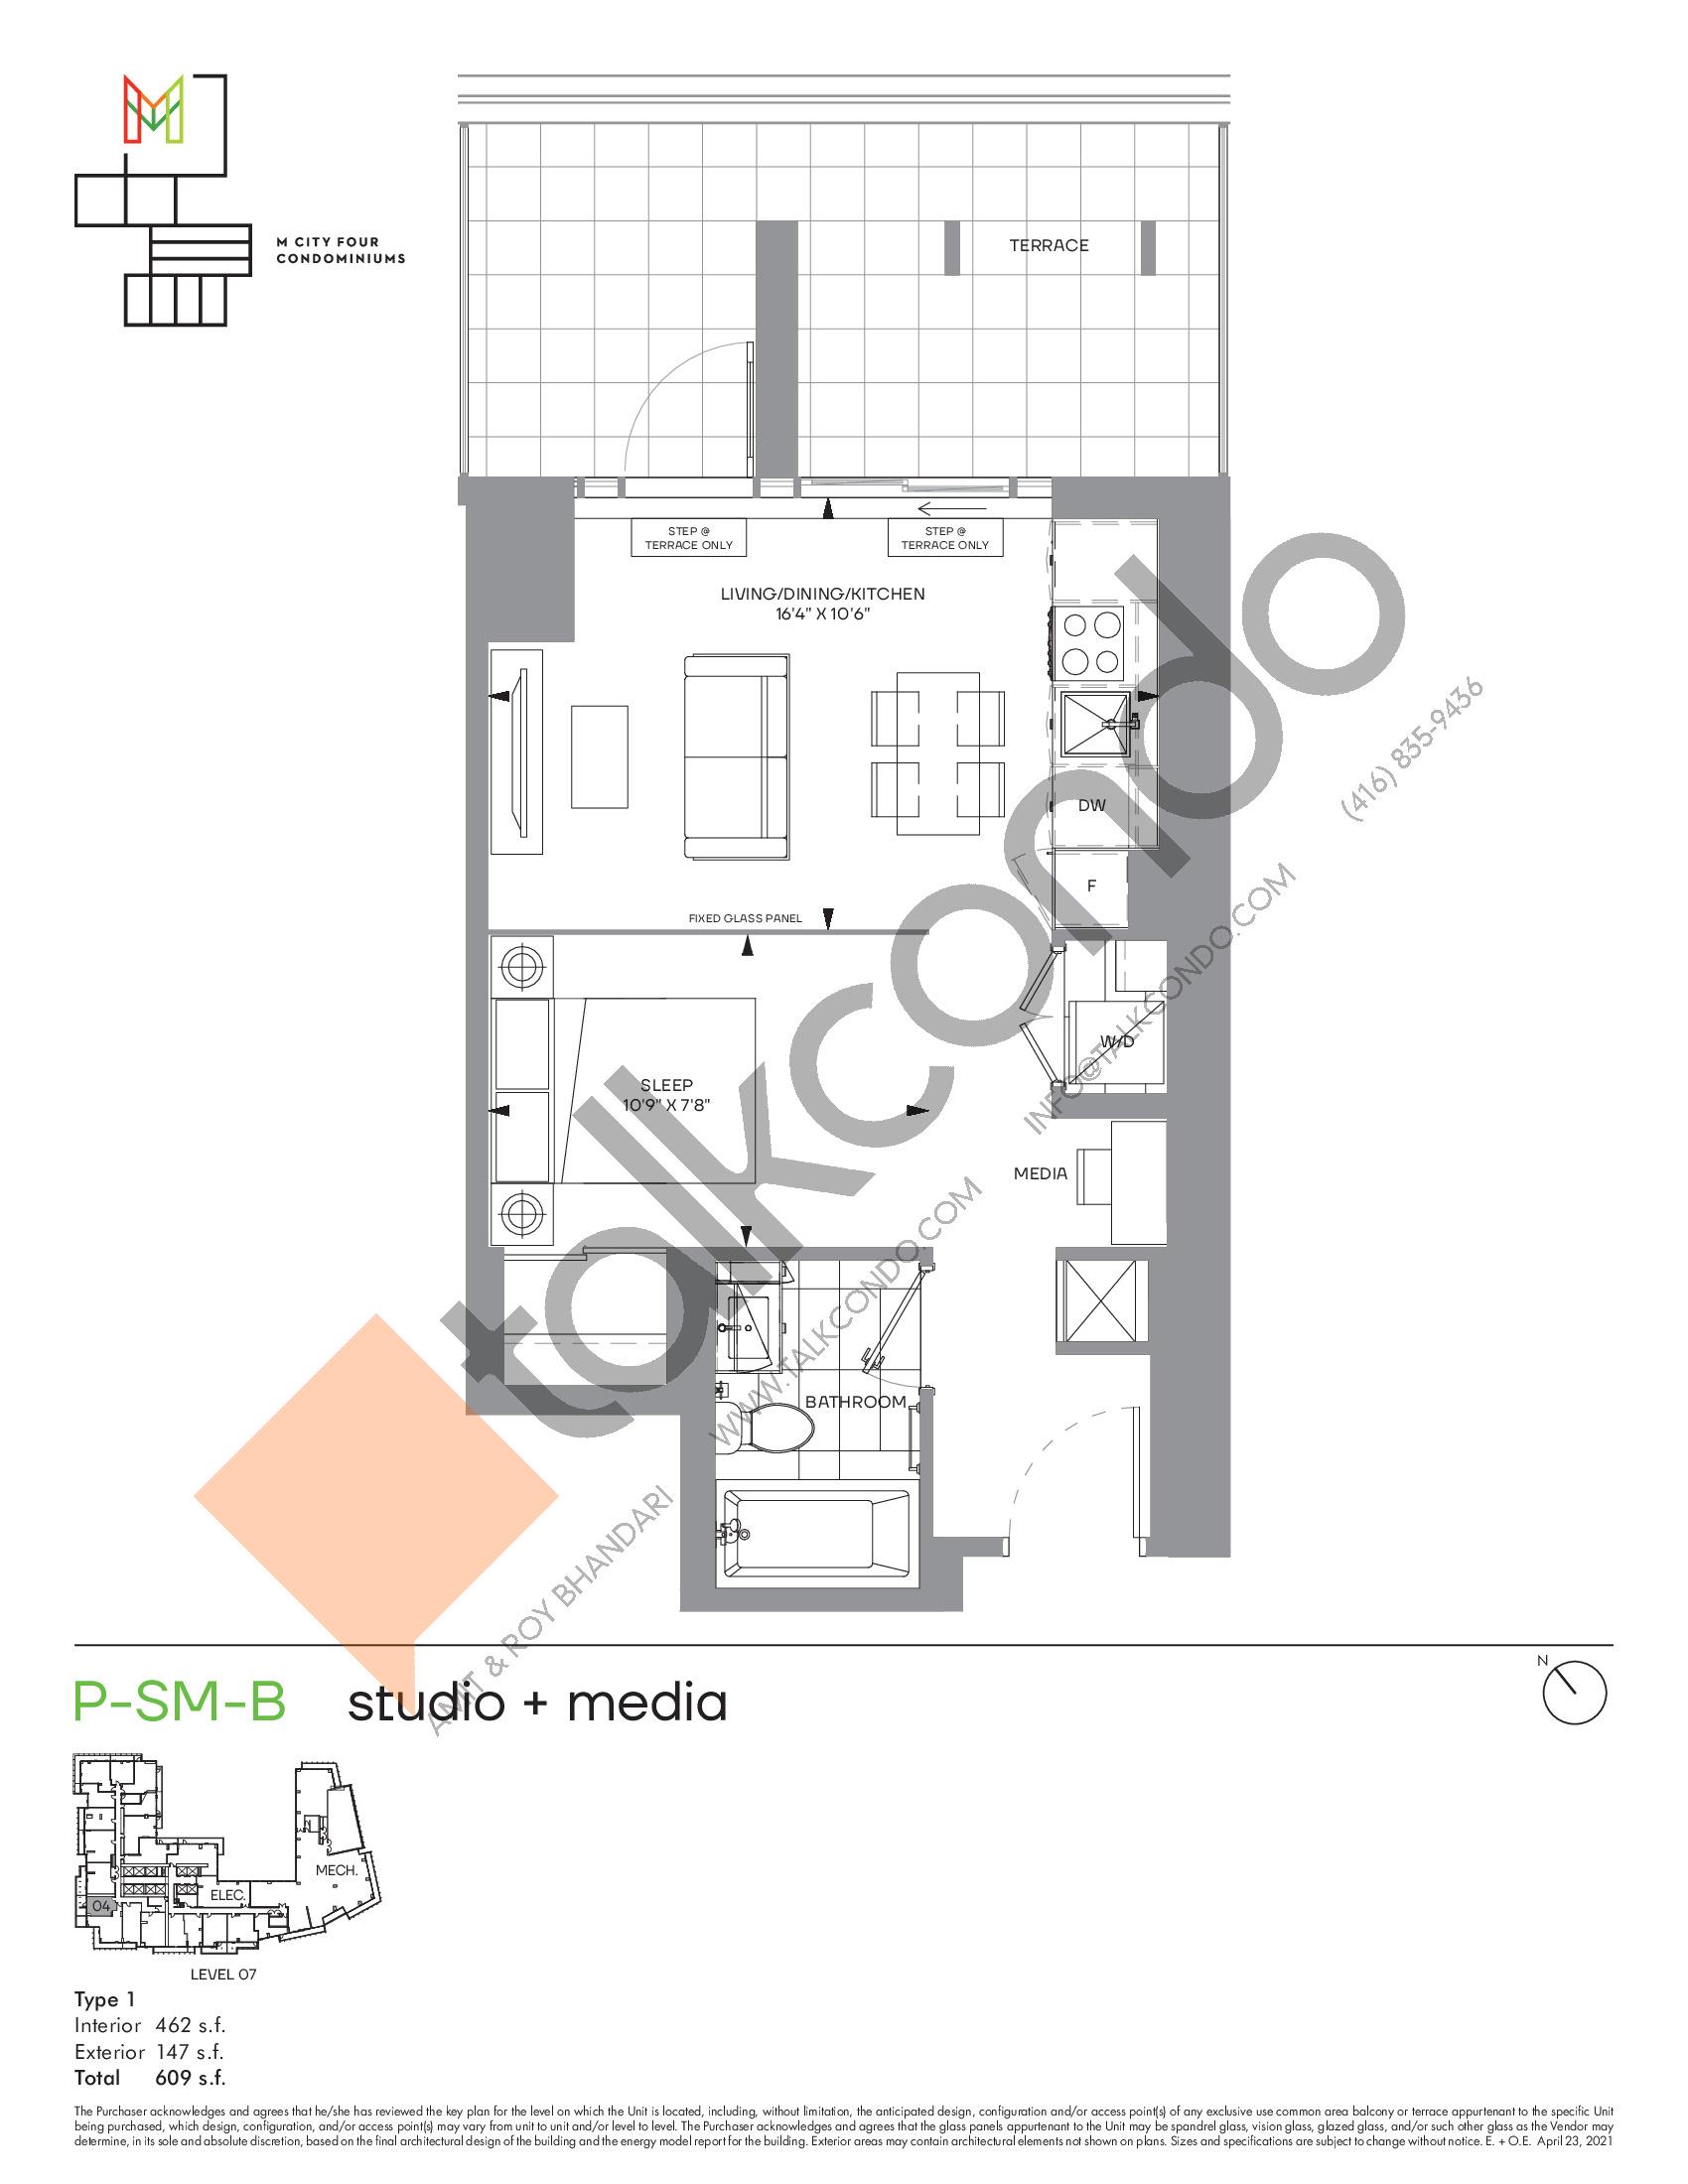 P-SM-B (Podium) Floor Plan at M4 Condos - 462 sq.ft